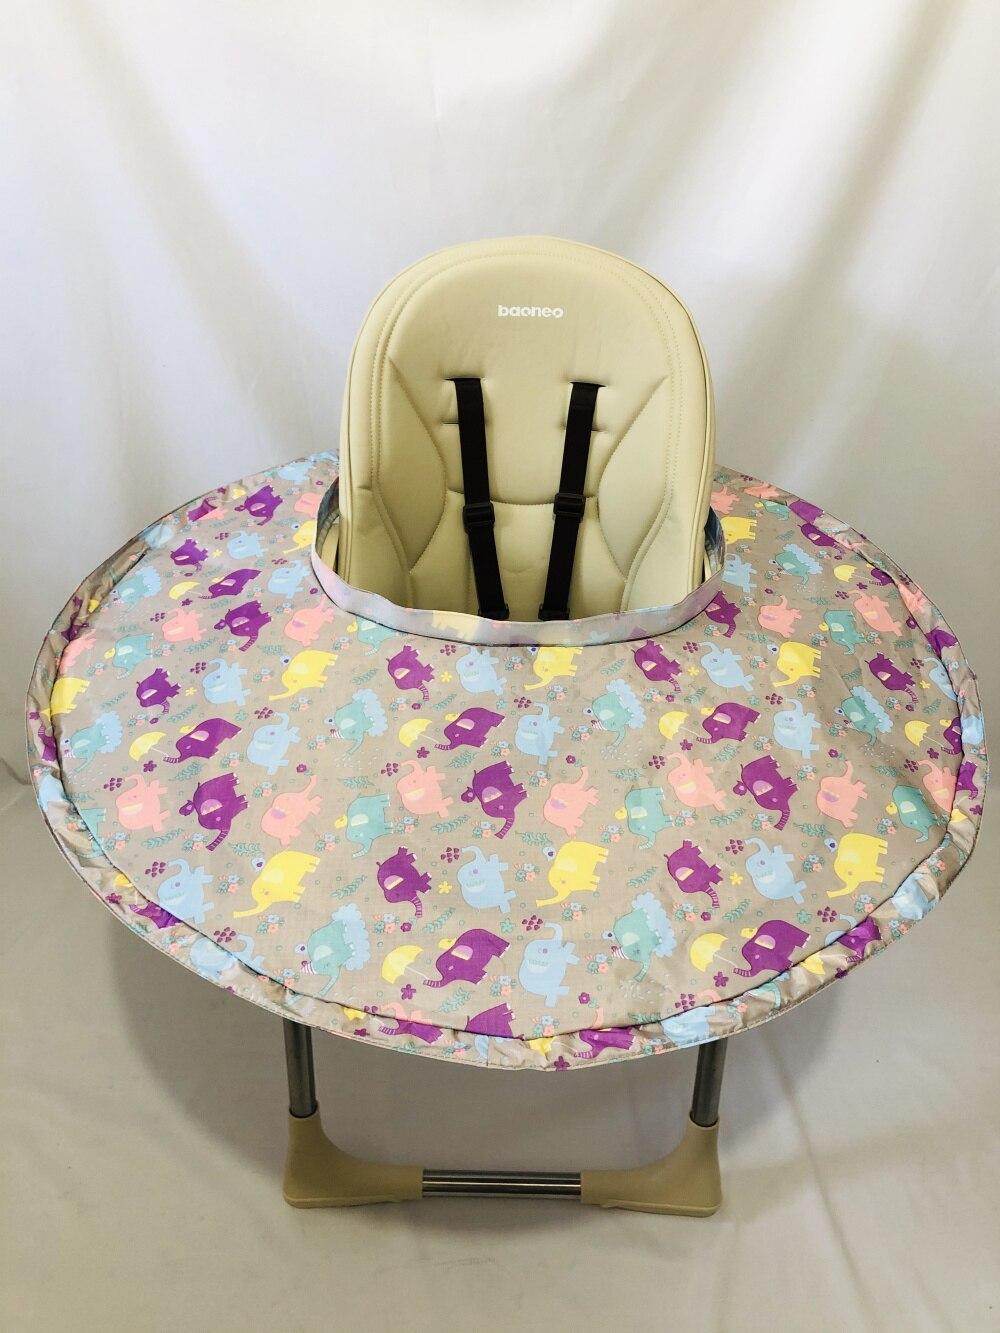 6 цветов ресторанное и домашнее детское блюдце для кормления, чехол на стульчик для кормления, зародыши предотвращает падение еды и игрушек на пол - Цвет: Elephant Saucer